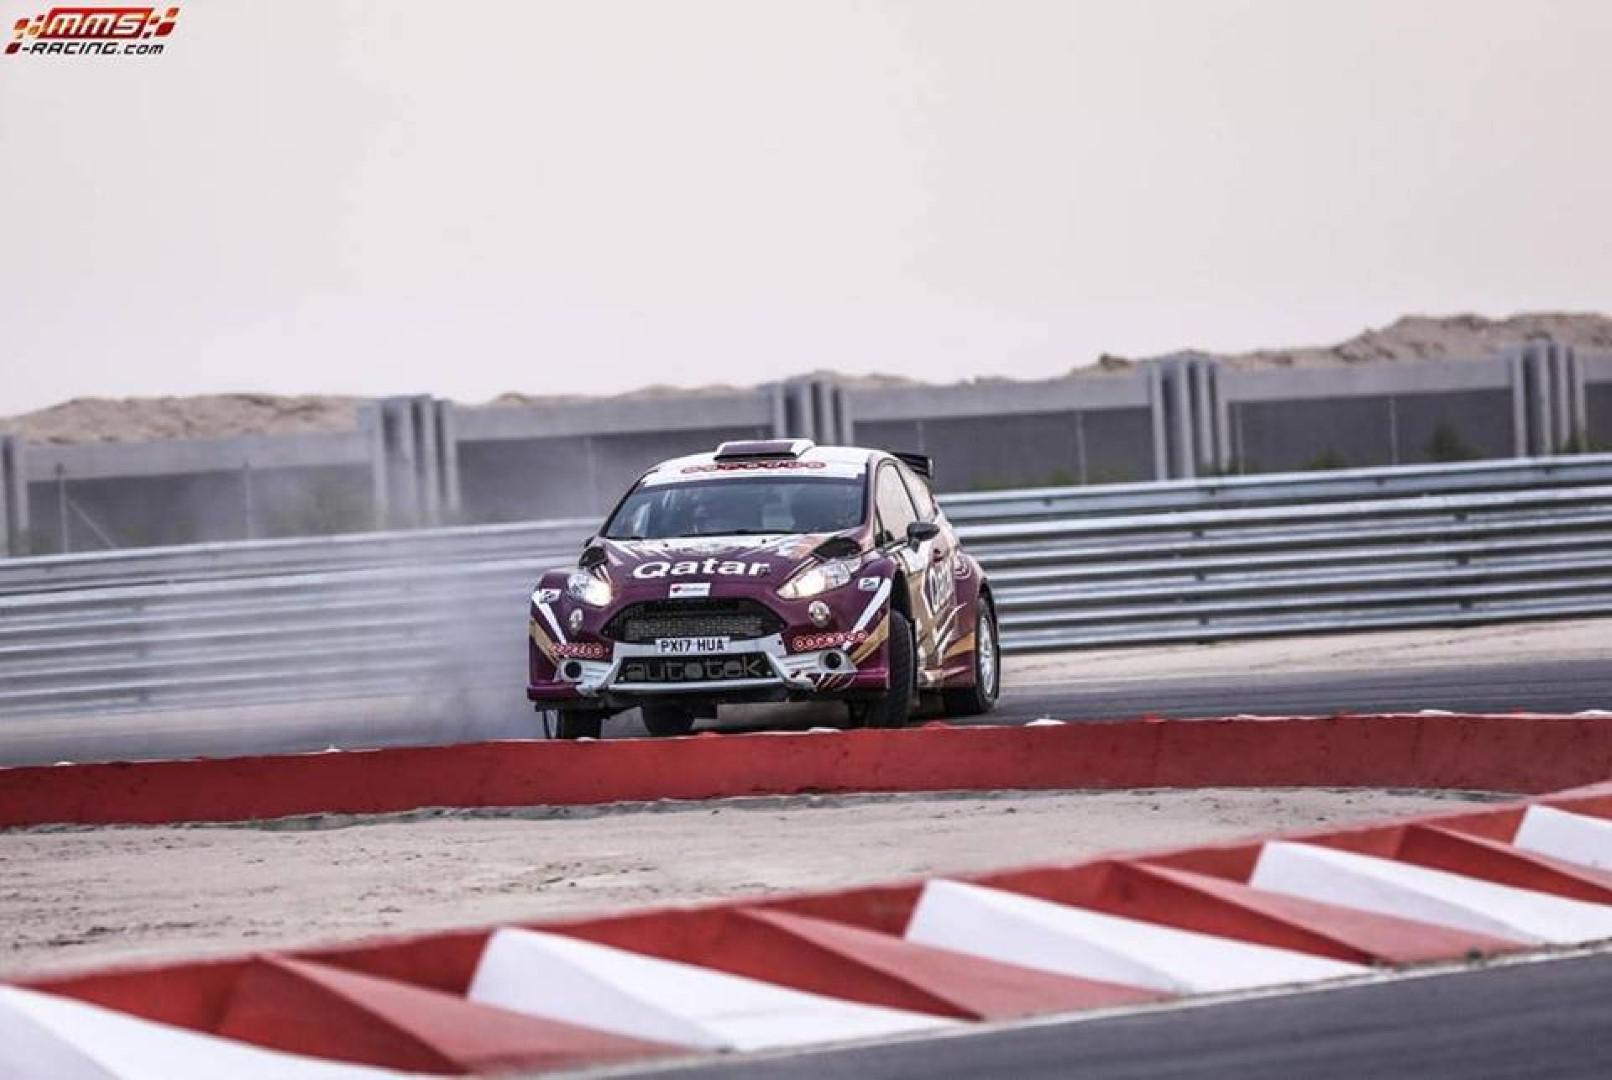 ناصر العطية يفوز بالمرحلة الاستعراضية لرالي الكويت